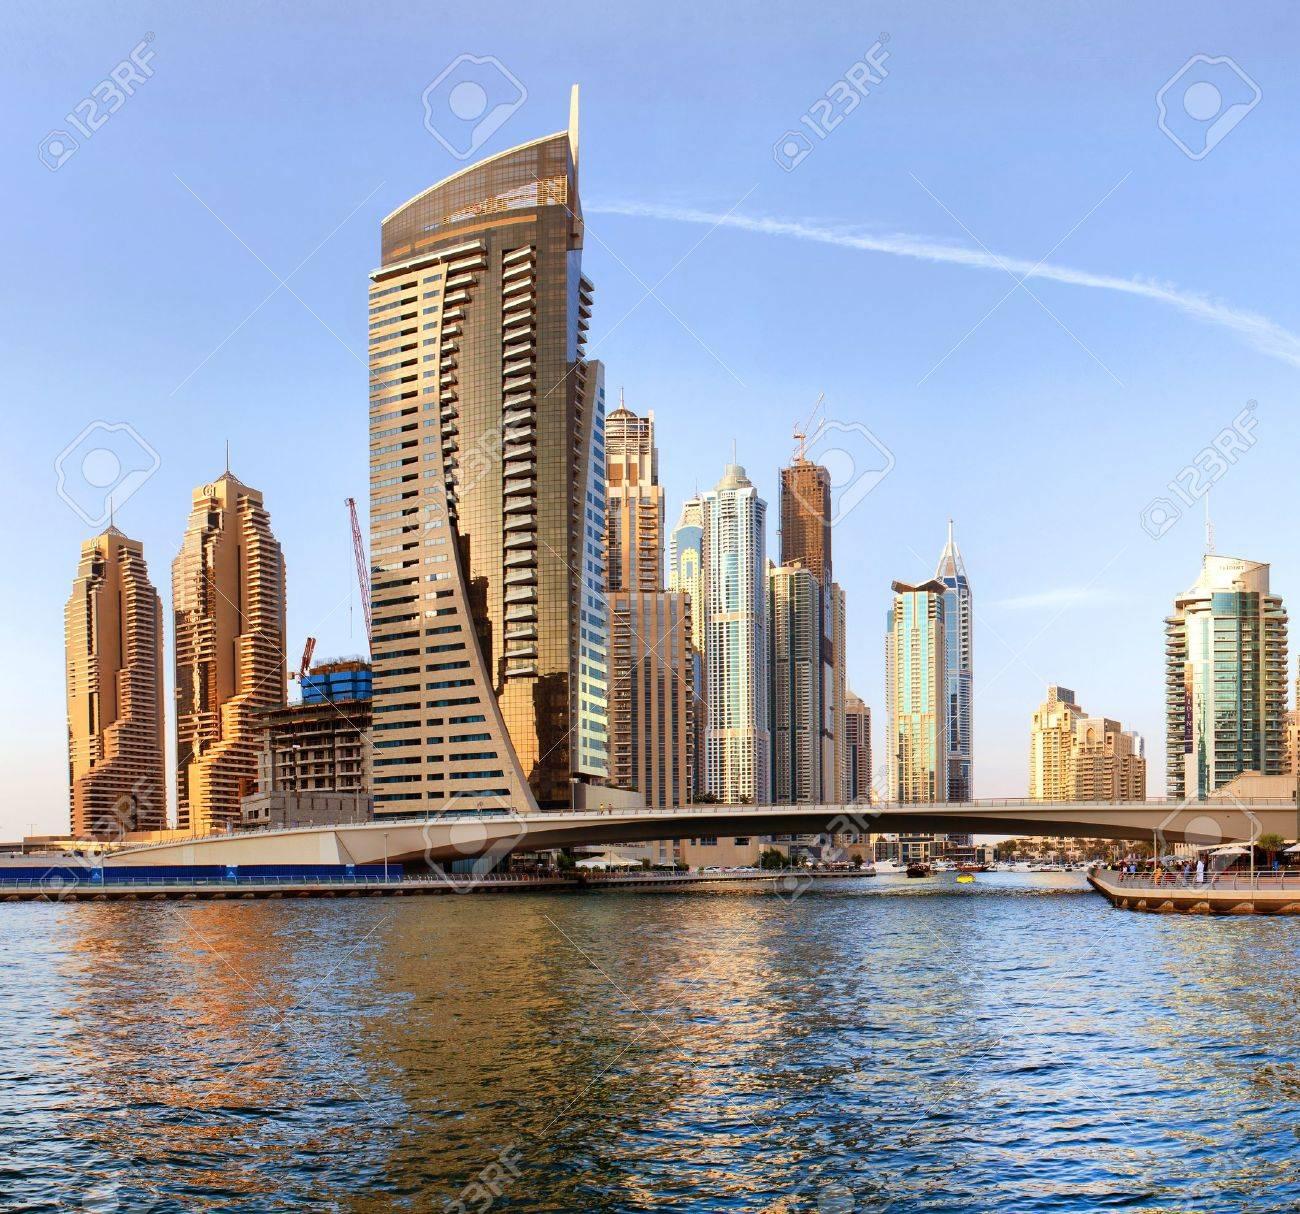 ドバイ、アラブ首長国連邦 - 10 月 23 日ドバイ - ドバイ、アラブ首長 ...